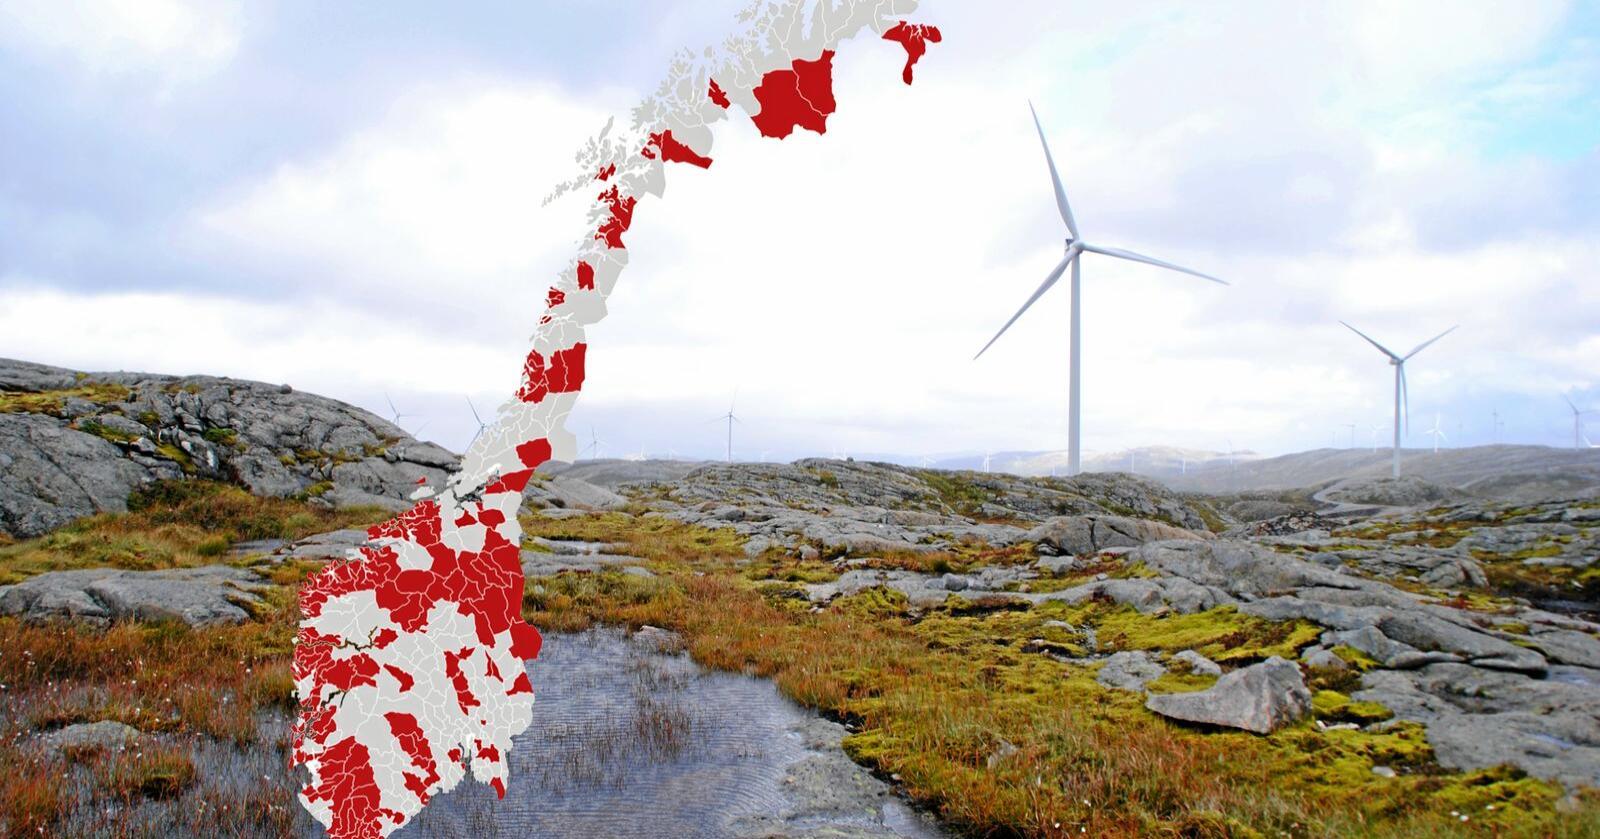 134 kommuner ønsker endringer i hvordan man gir konsesjon til vindkraftutbygging. De vil ha mer makt selv. Se klikkbar grafikk lenger ned i saken. Foto: Lars Bilit Hagen